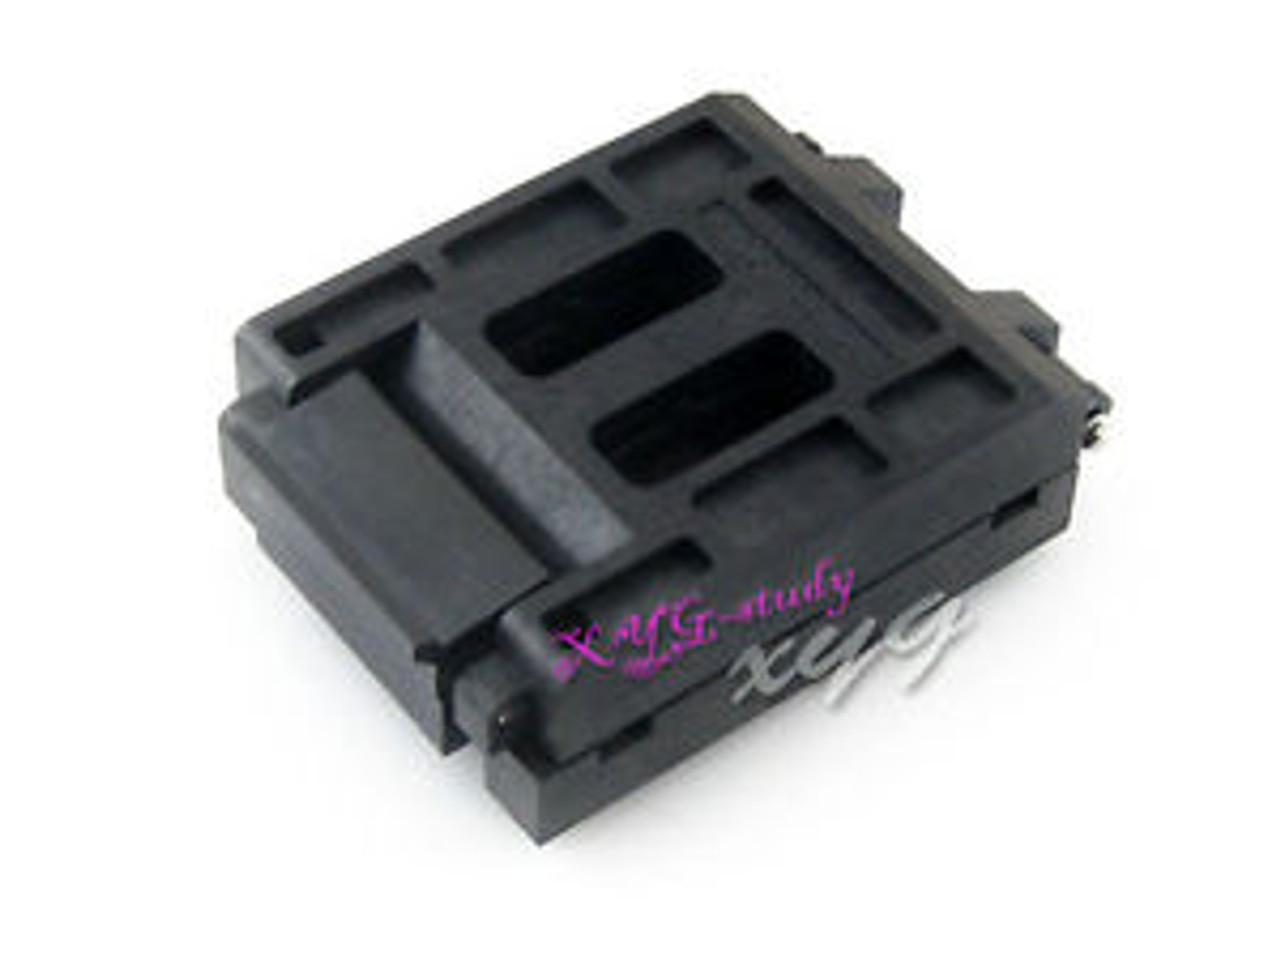 QFP208 TQFP208 LQFP208 IC51-2084-1052-11 Enplas IC Test Socket Adapter 0.5Pitch